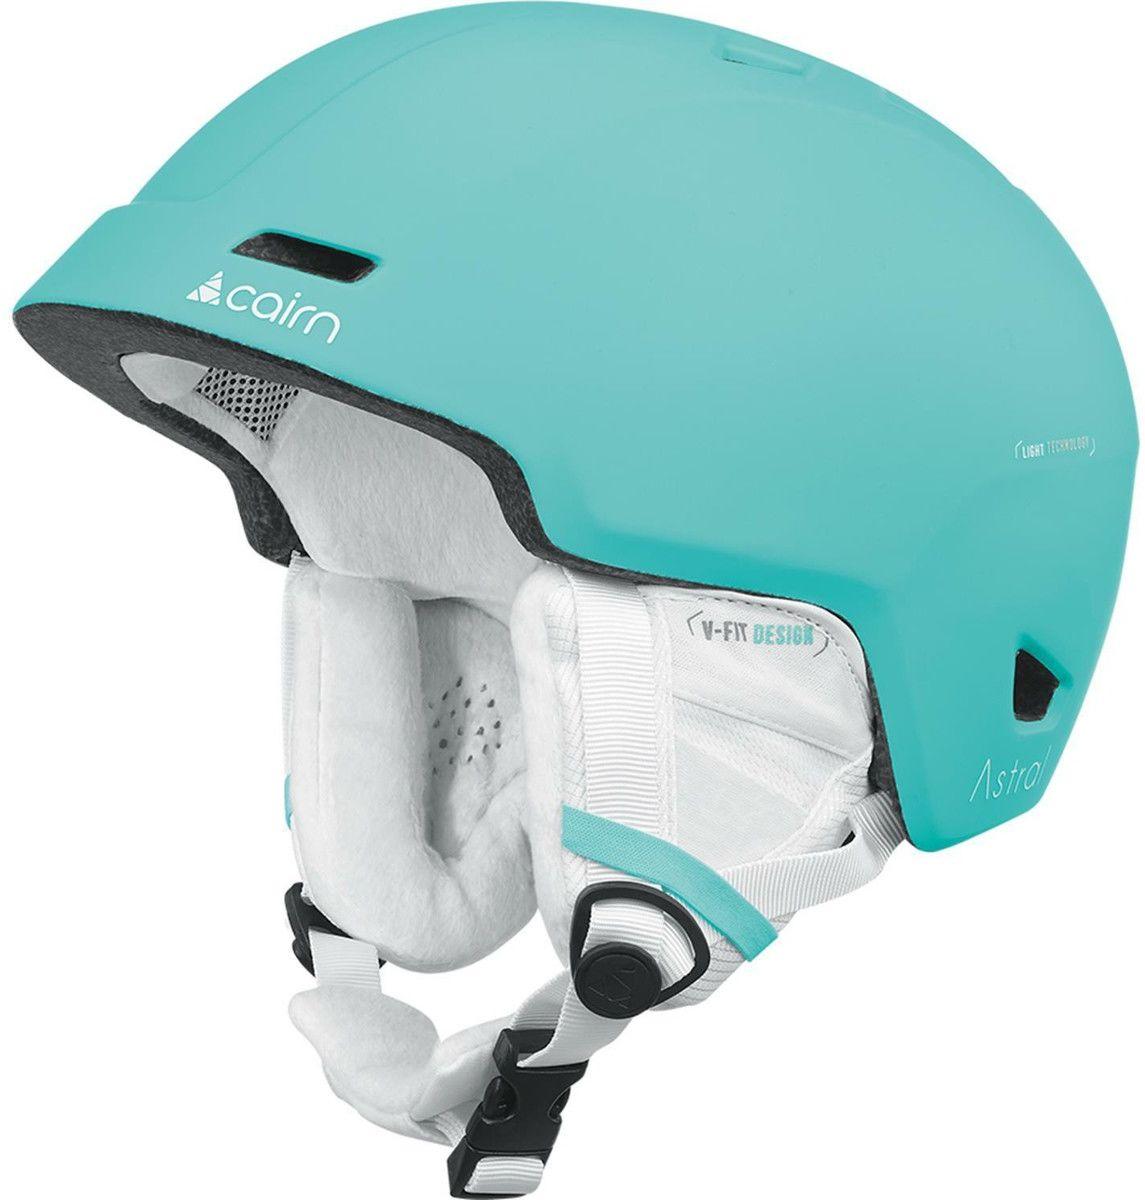 CAIRN kask zimowy narciarski/snowboardowy ASTRAL miętowy Rozmiar: 59-60,060614058